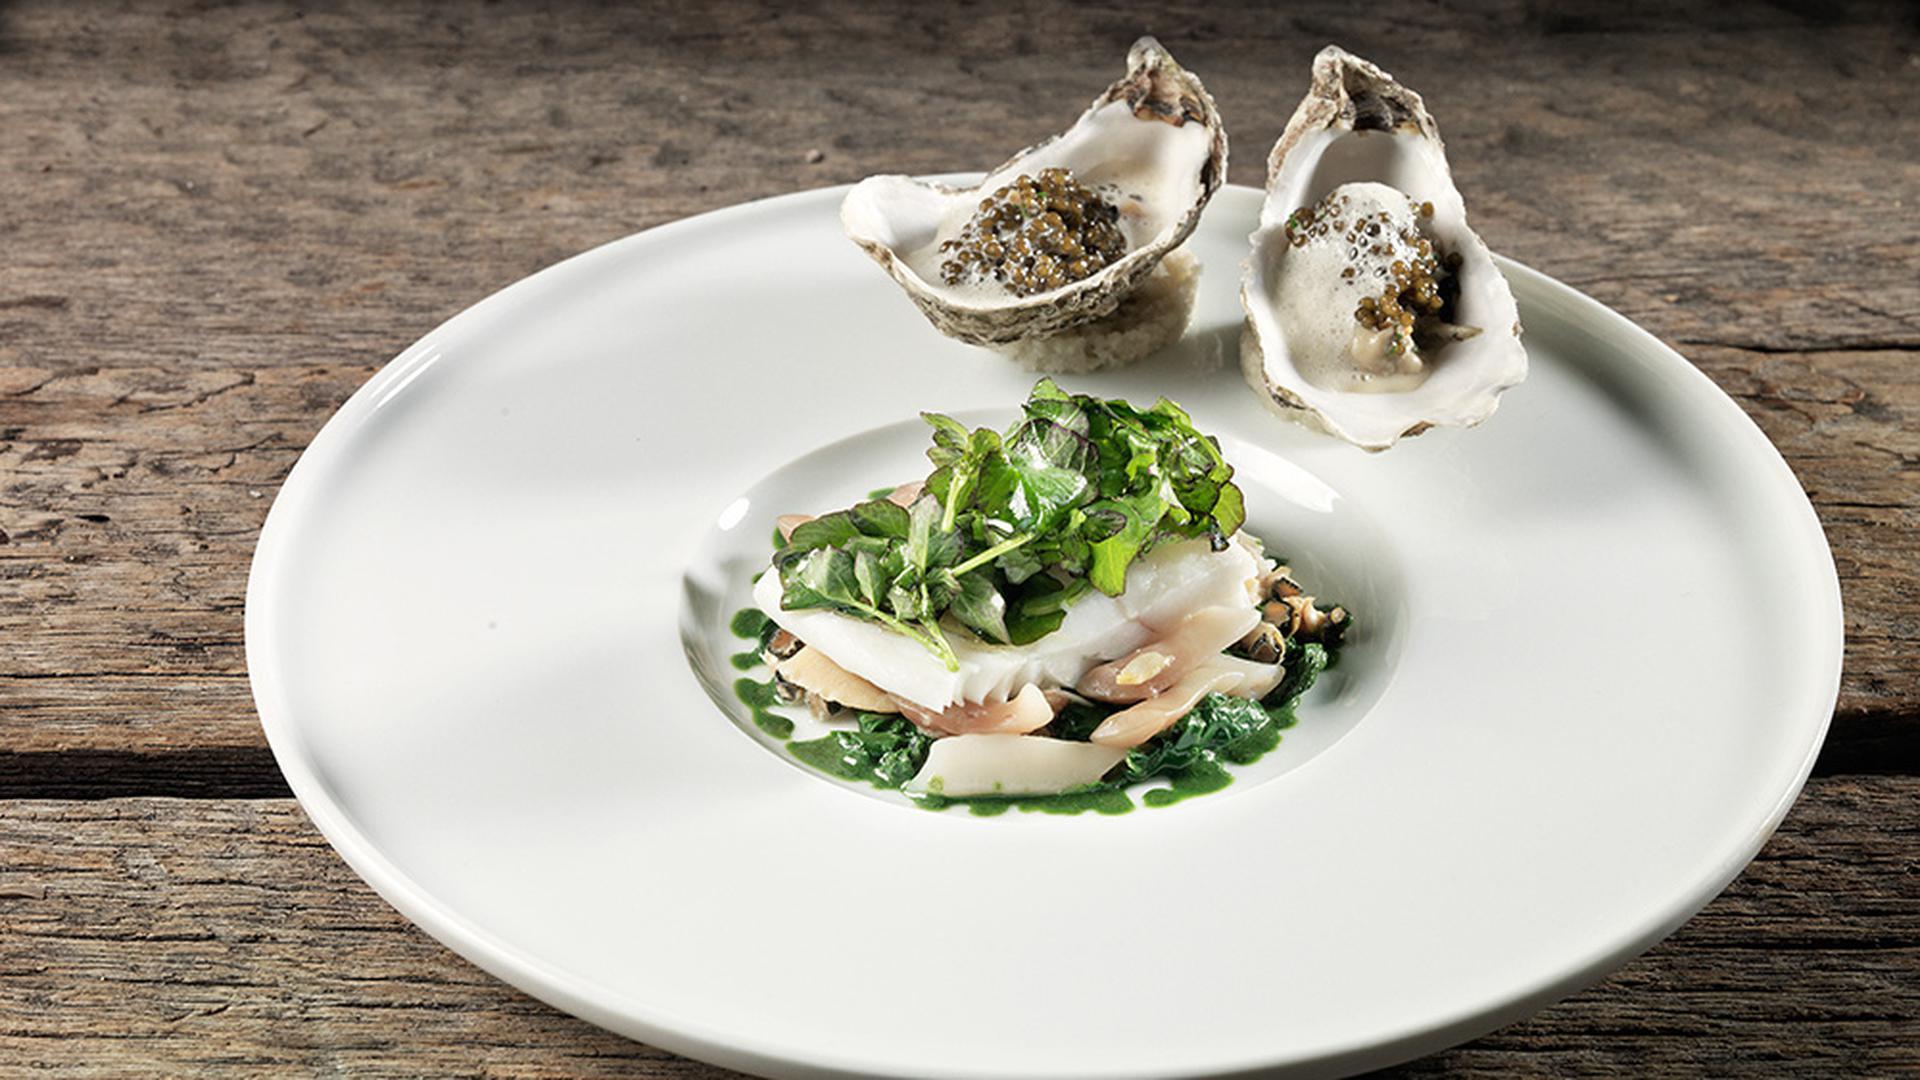 """Absolute Geschmackssache: Neben objektiven Kriteren lassen die Restauranttester des """"Gault&Millau"""" auch ihre subjektive Meinung einfließen. Hier zu sehen: Steinbutt im Algensalzteig mit Kaviarsauce."""